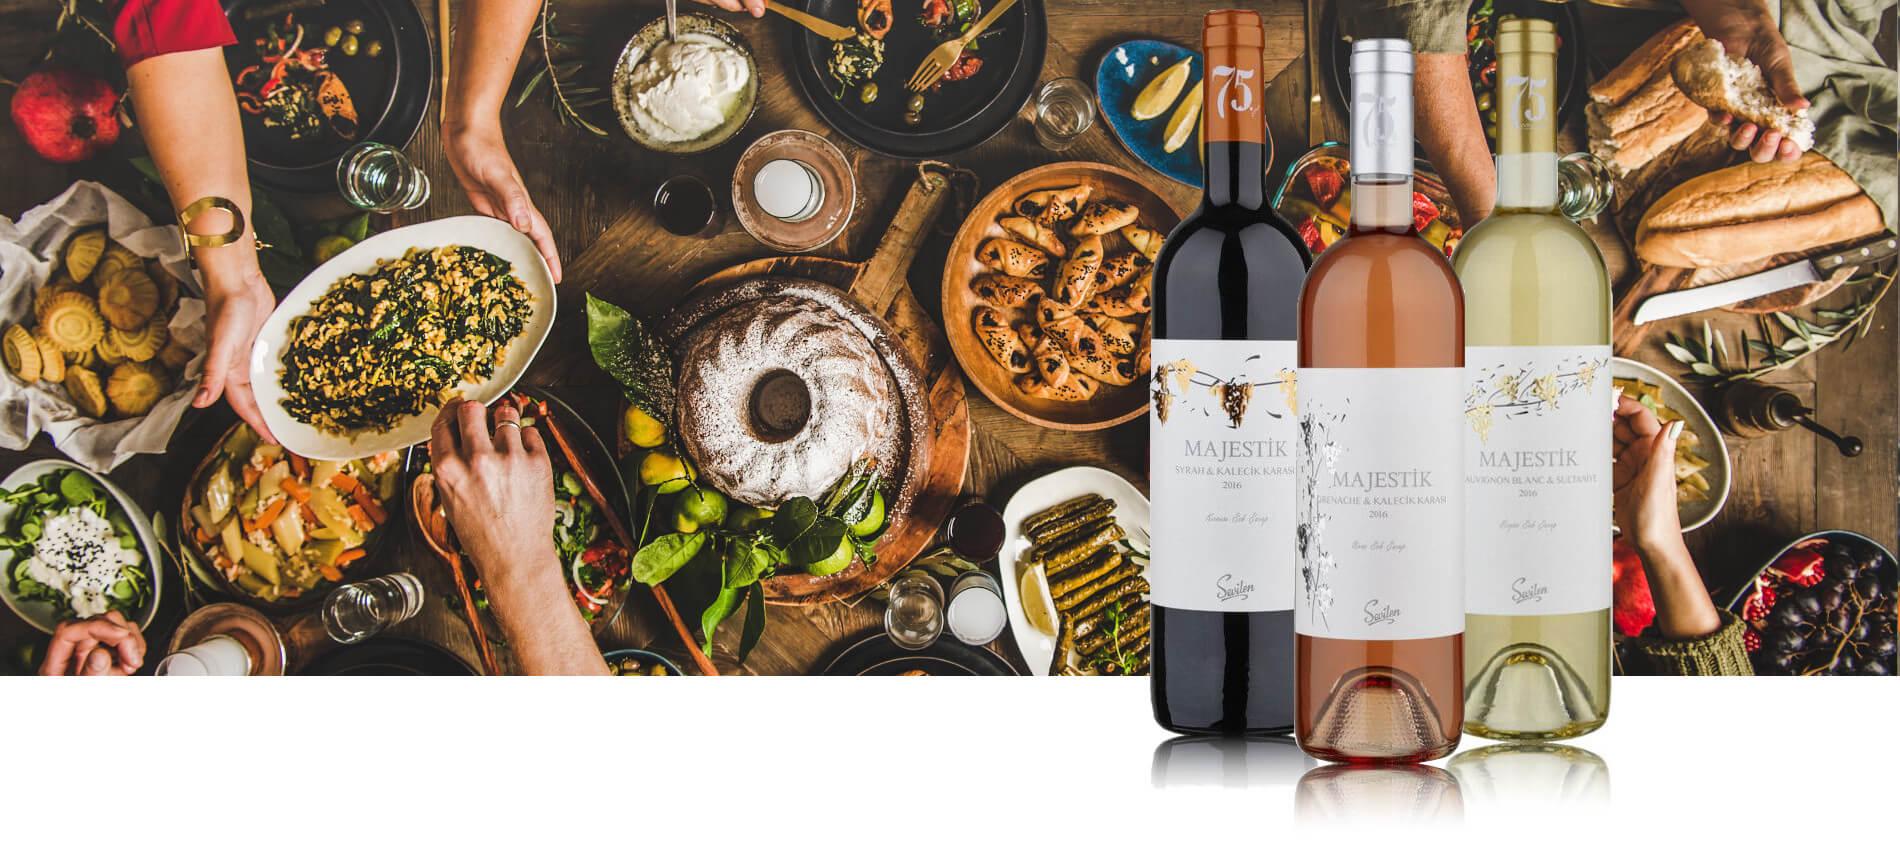 Турецкое вино и раки